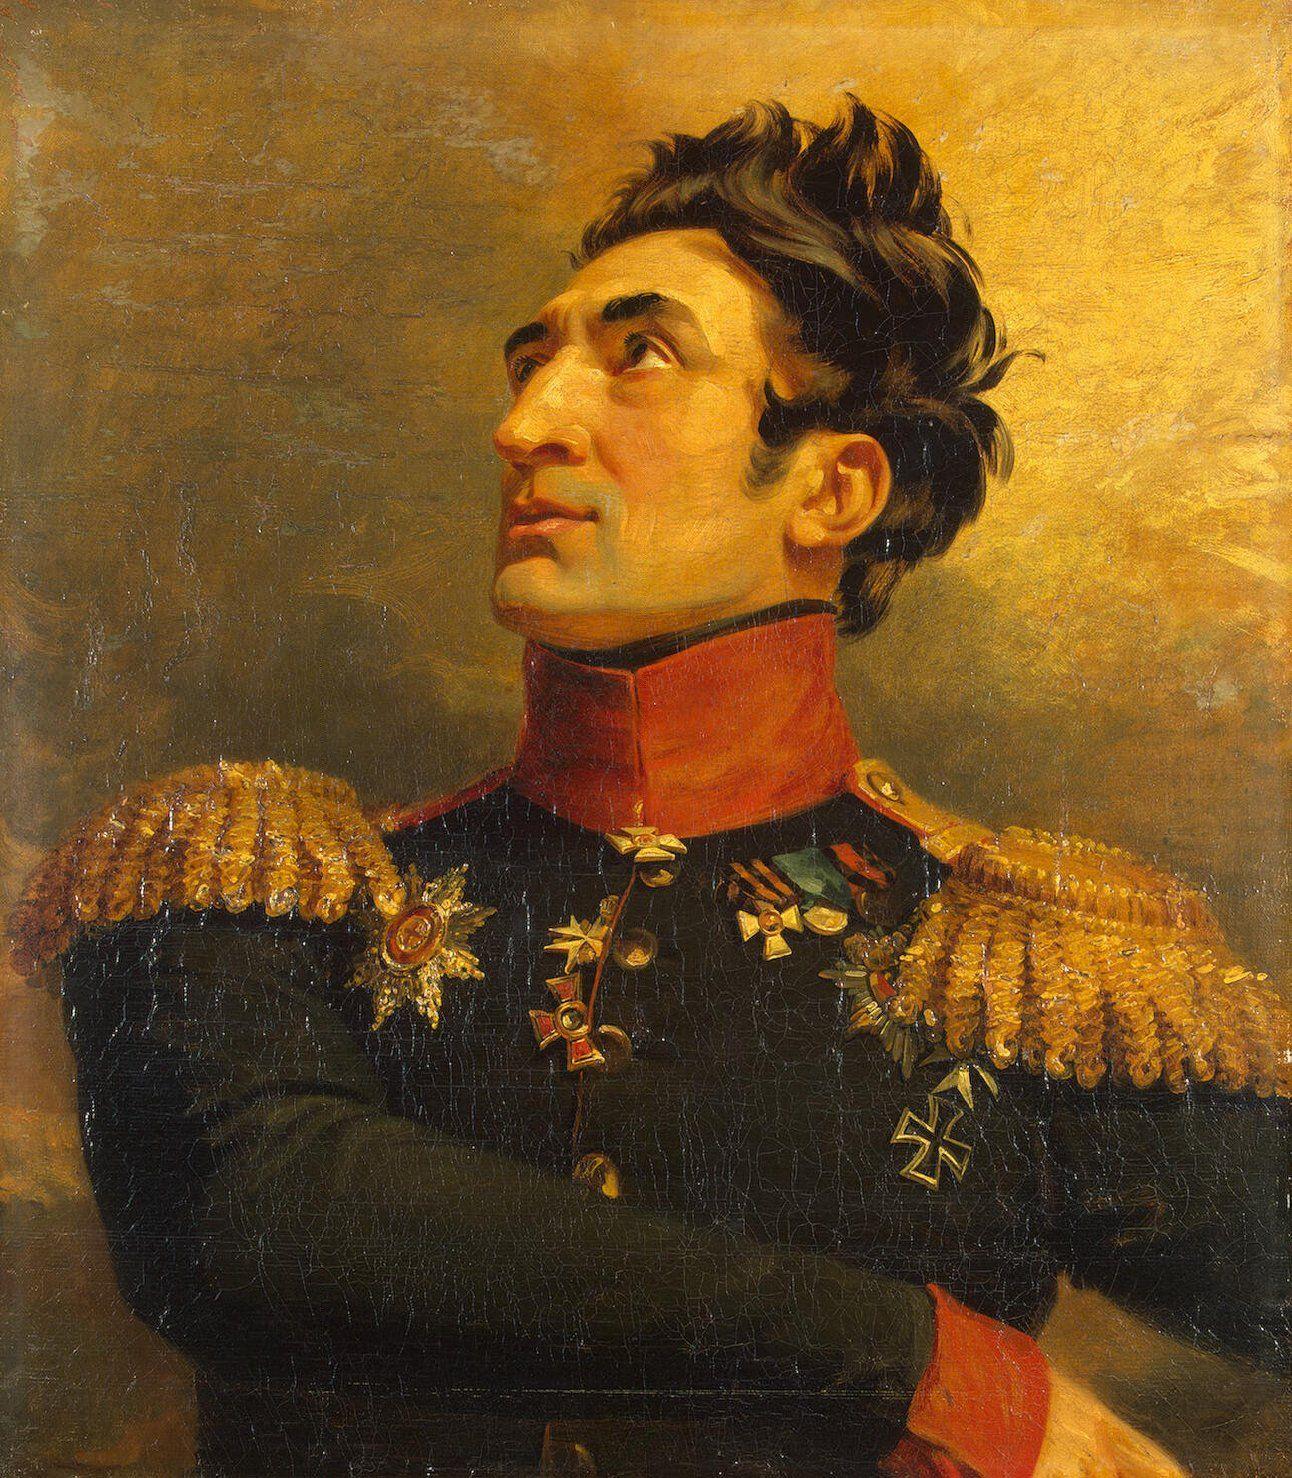 Portrait of Boris V. Poluektov (1778-1843) by George Dawe, RA (British, 1781-1829)